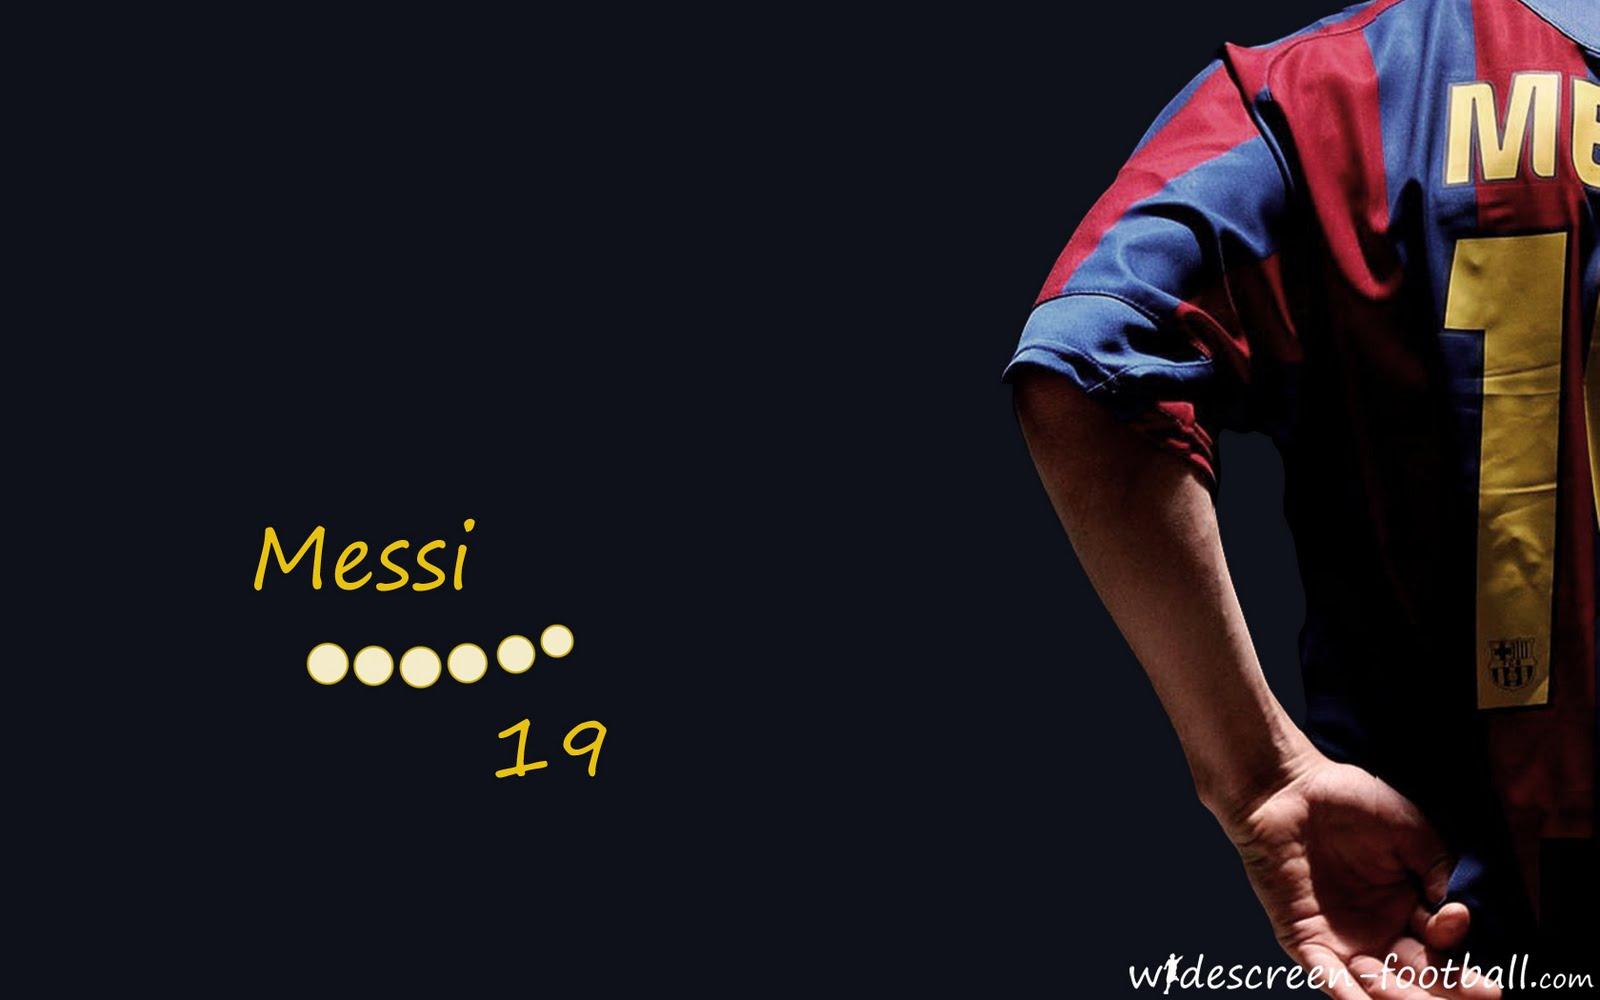 http://2.bp.blogspot.com/-9RhfkDKalqU/TrU3_p82ZxI/AAAAAAAAJJ4/YoH6qd_t9E0/s1600/football_wallpaper_lionel_messi_07.jpg